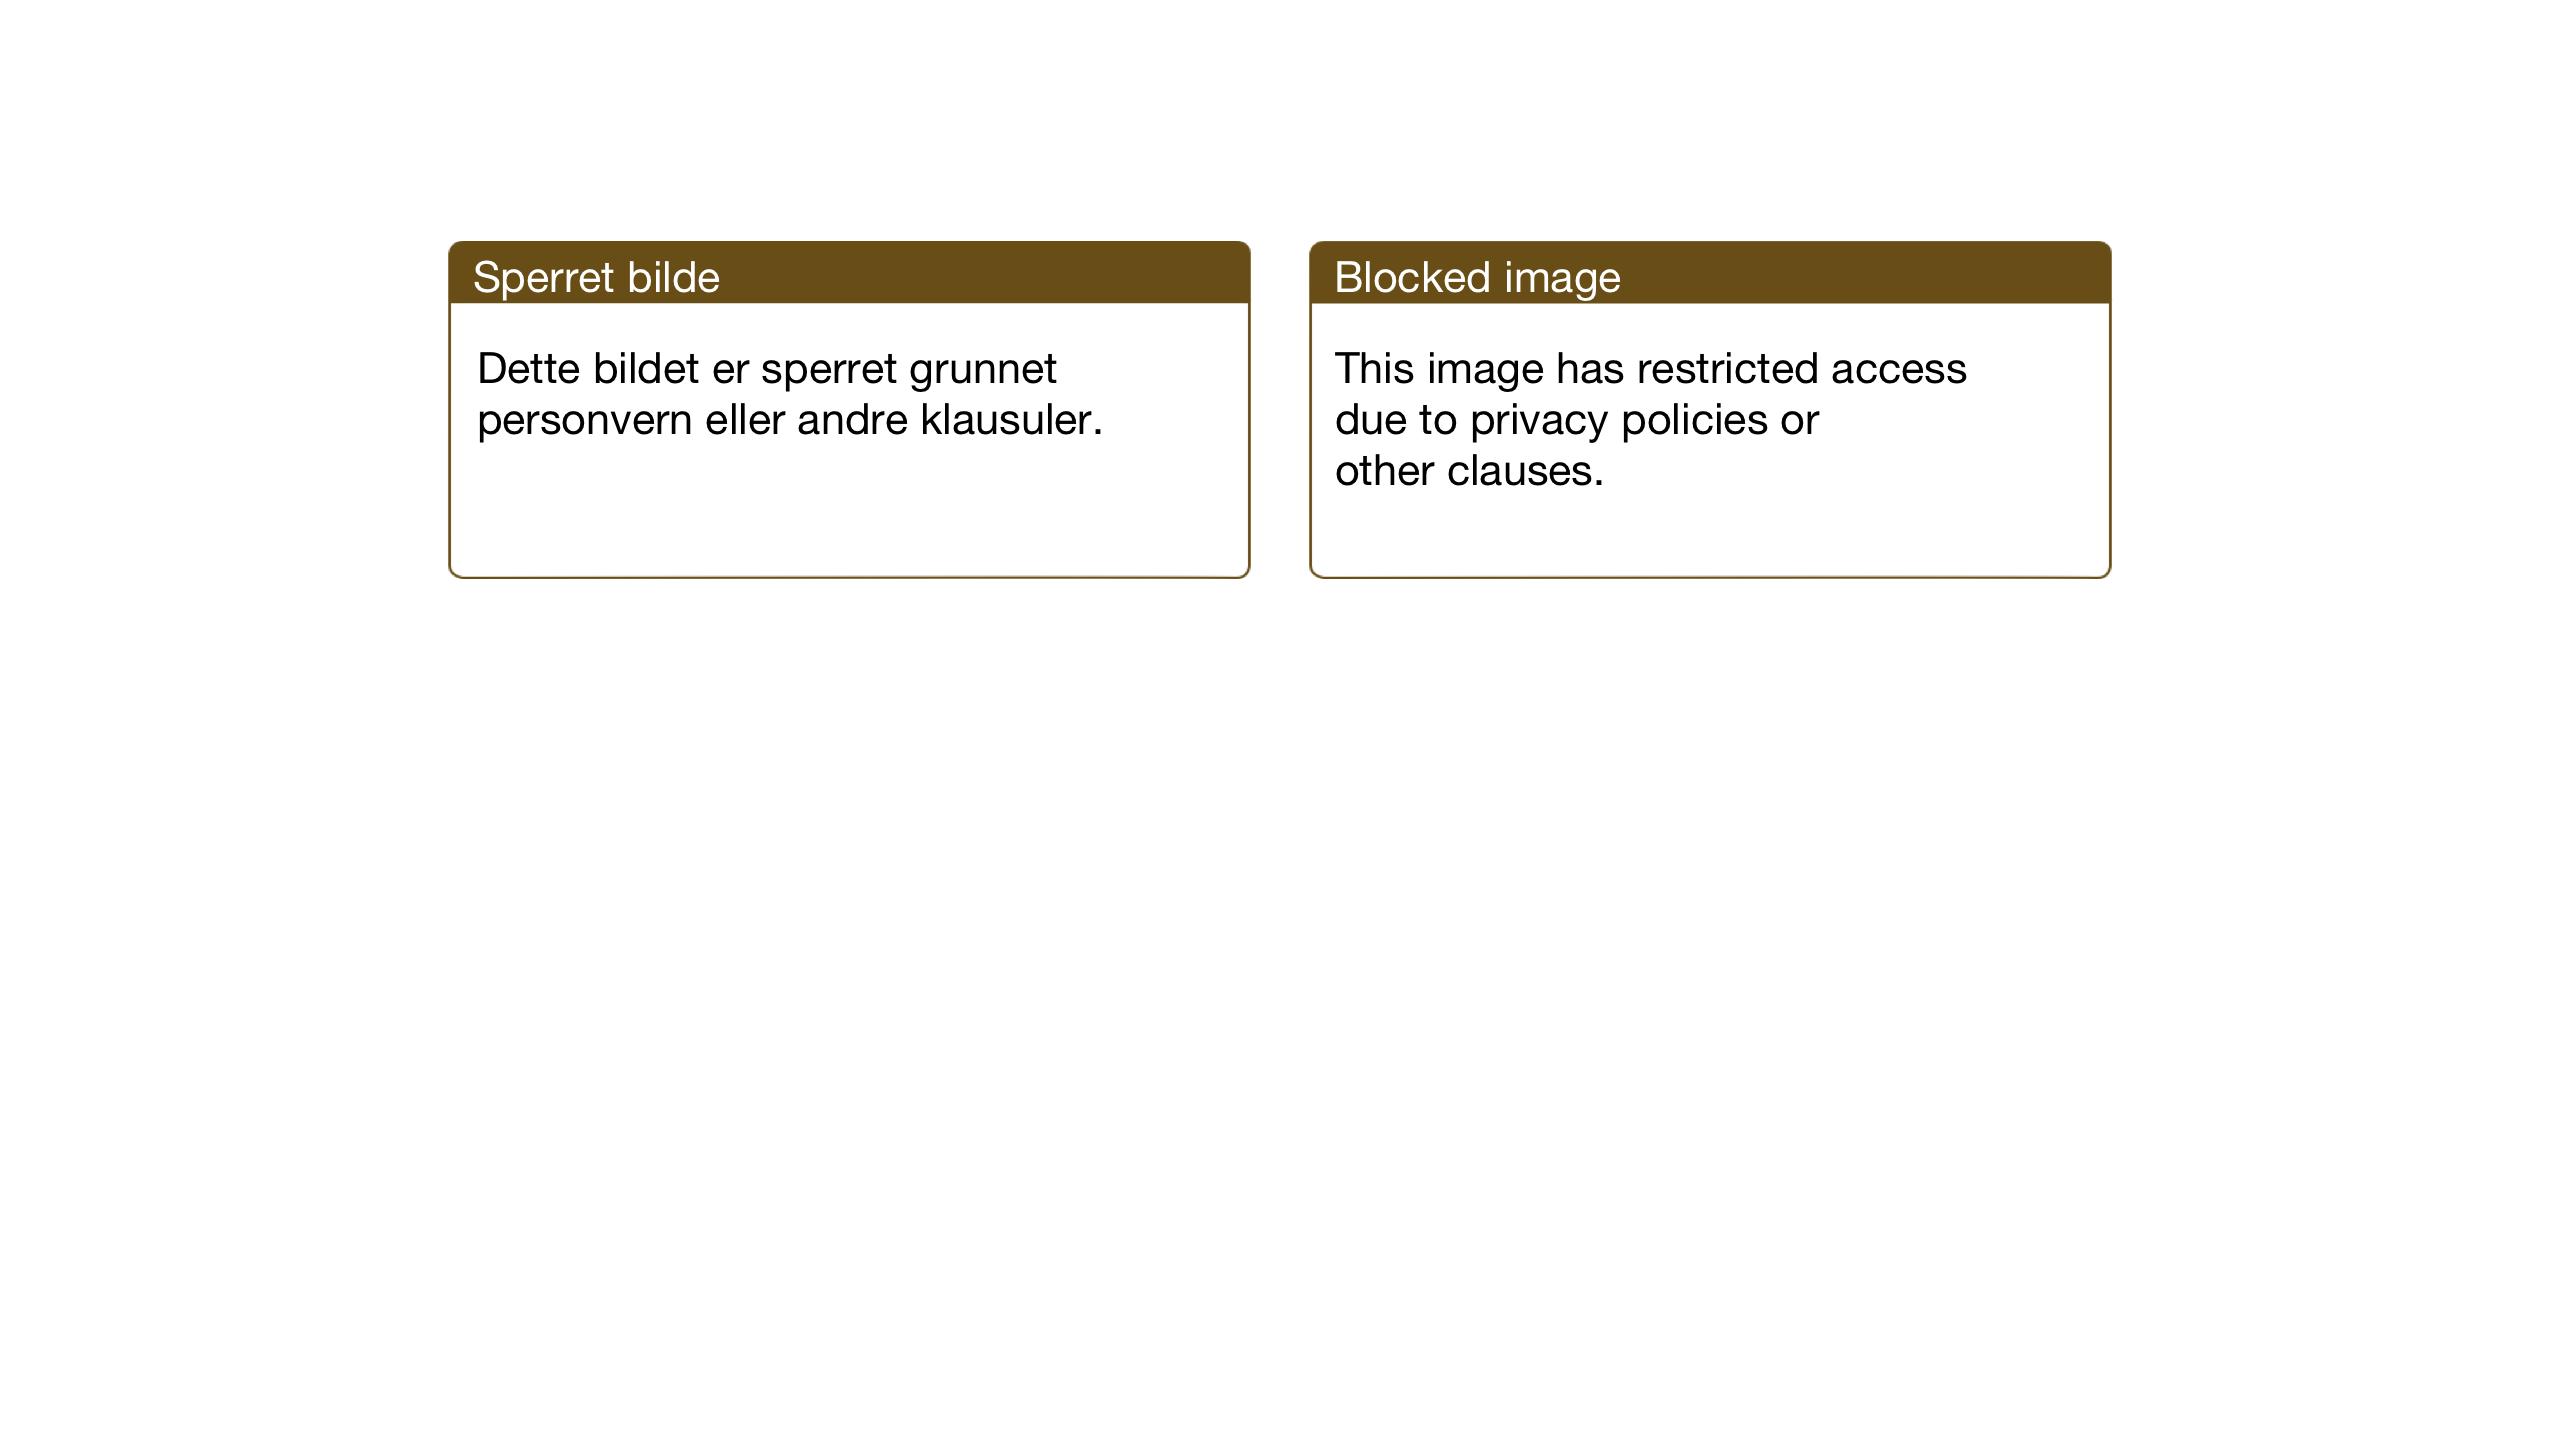 SAT, Ministerialprotokoller, klokkerbøker og fødselsregistre - Sør-Trøndelag, 675/L0888: Klokkerbok nr. 675C01, 1913-1935, s. 69